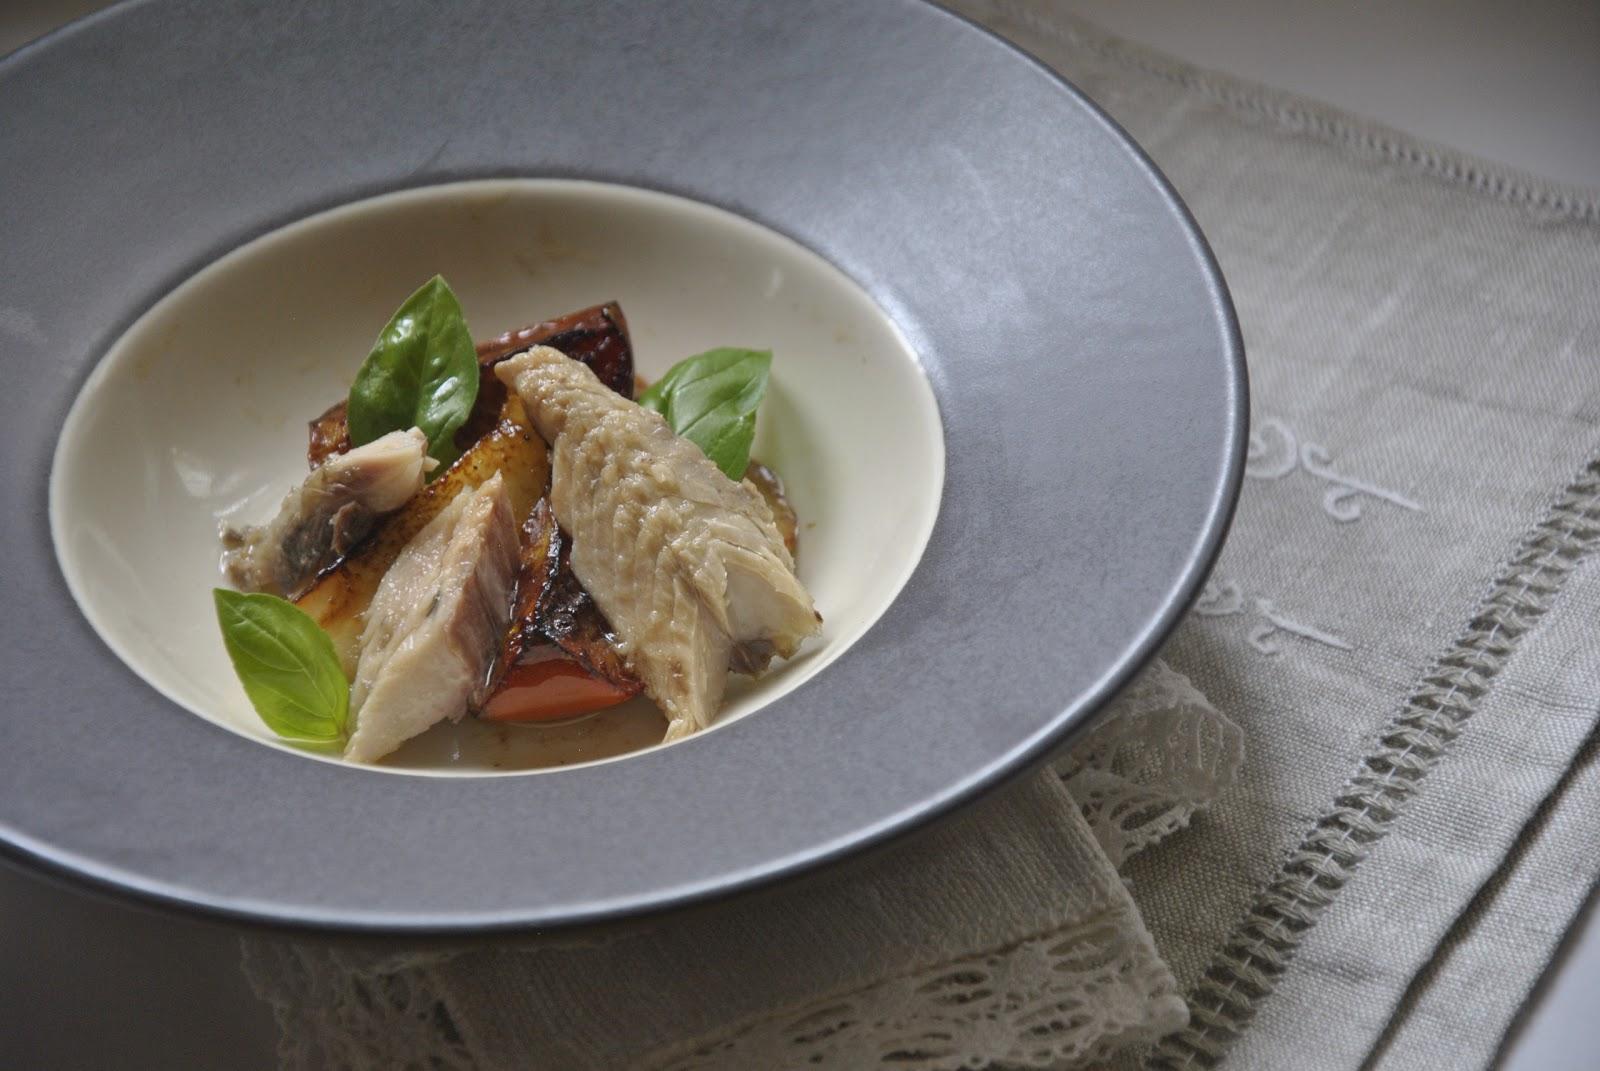 La cocina de cabriola kumateando for Cocina 5 ingredientes jamie